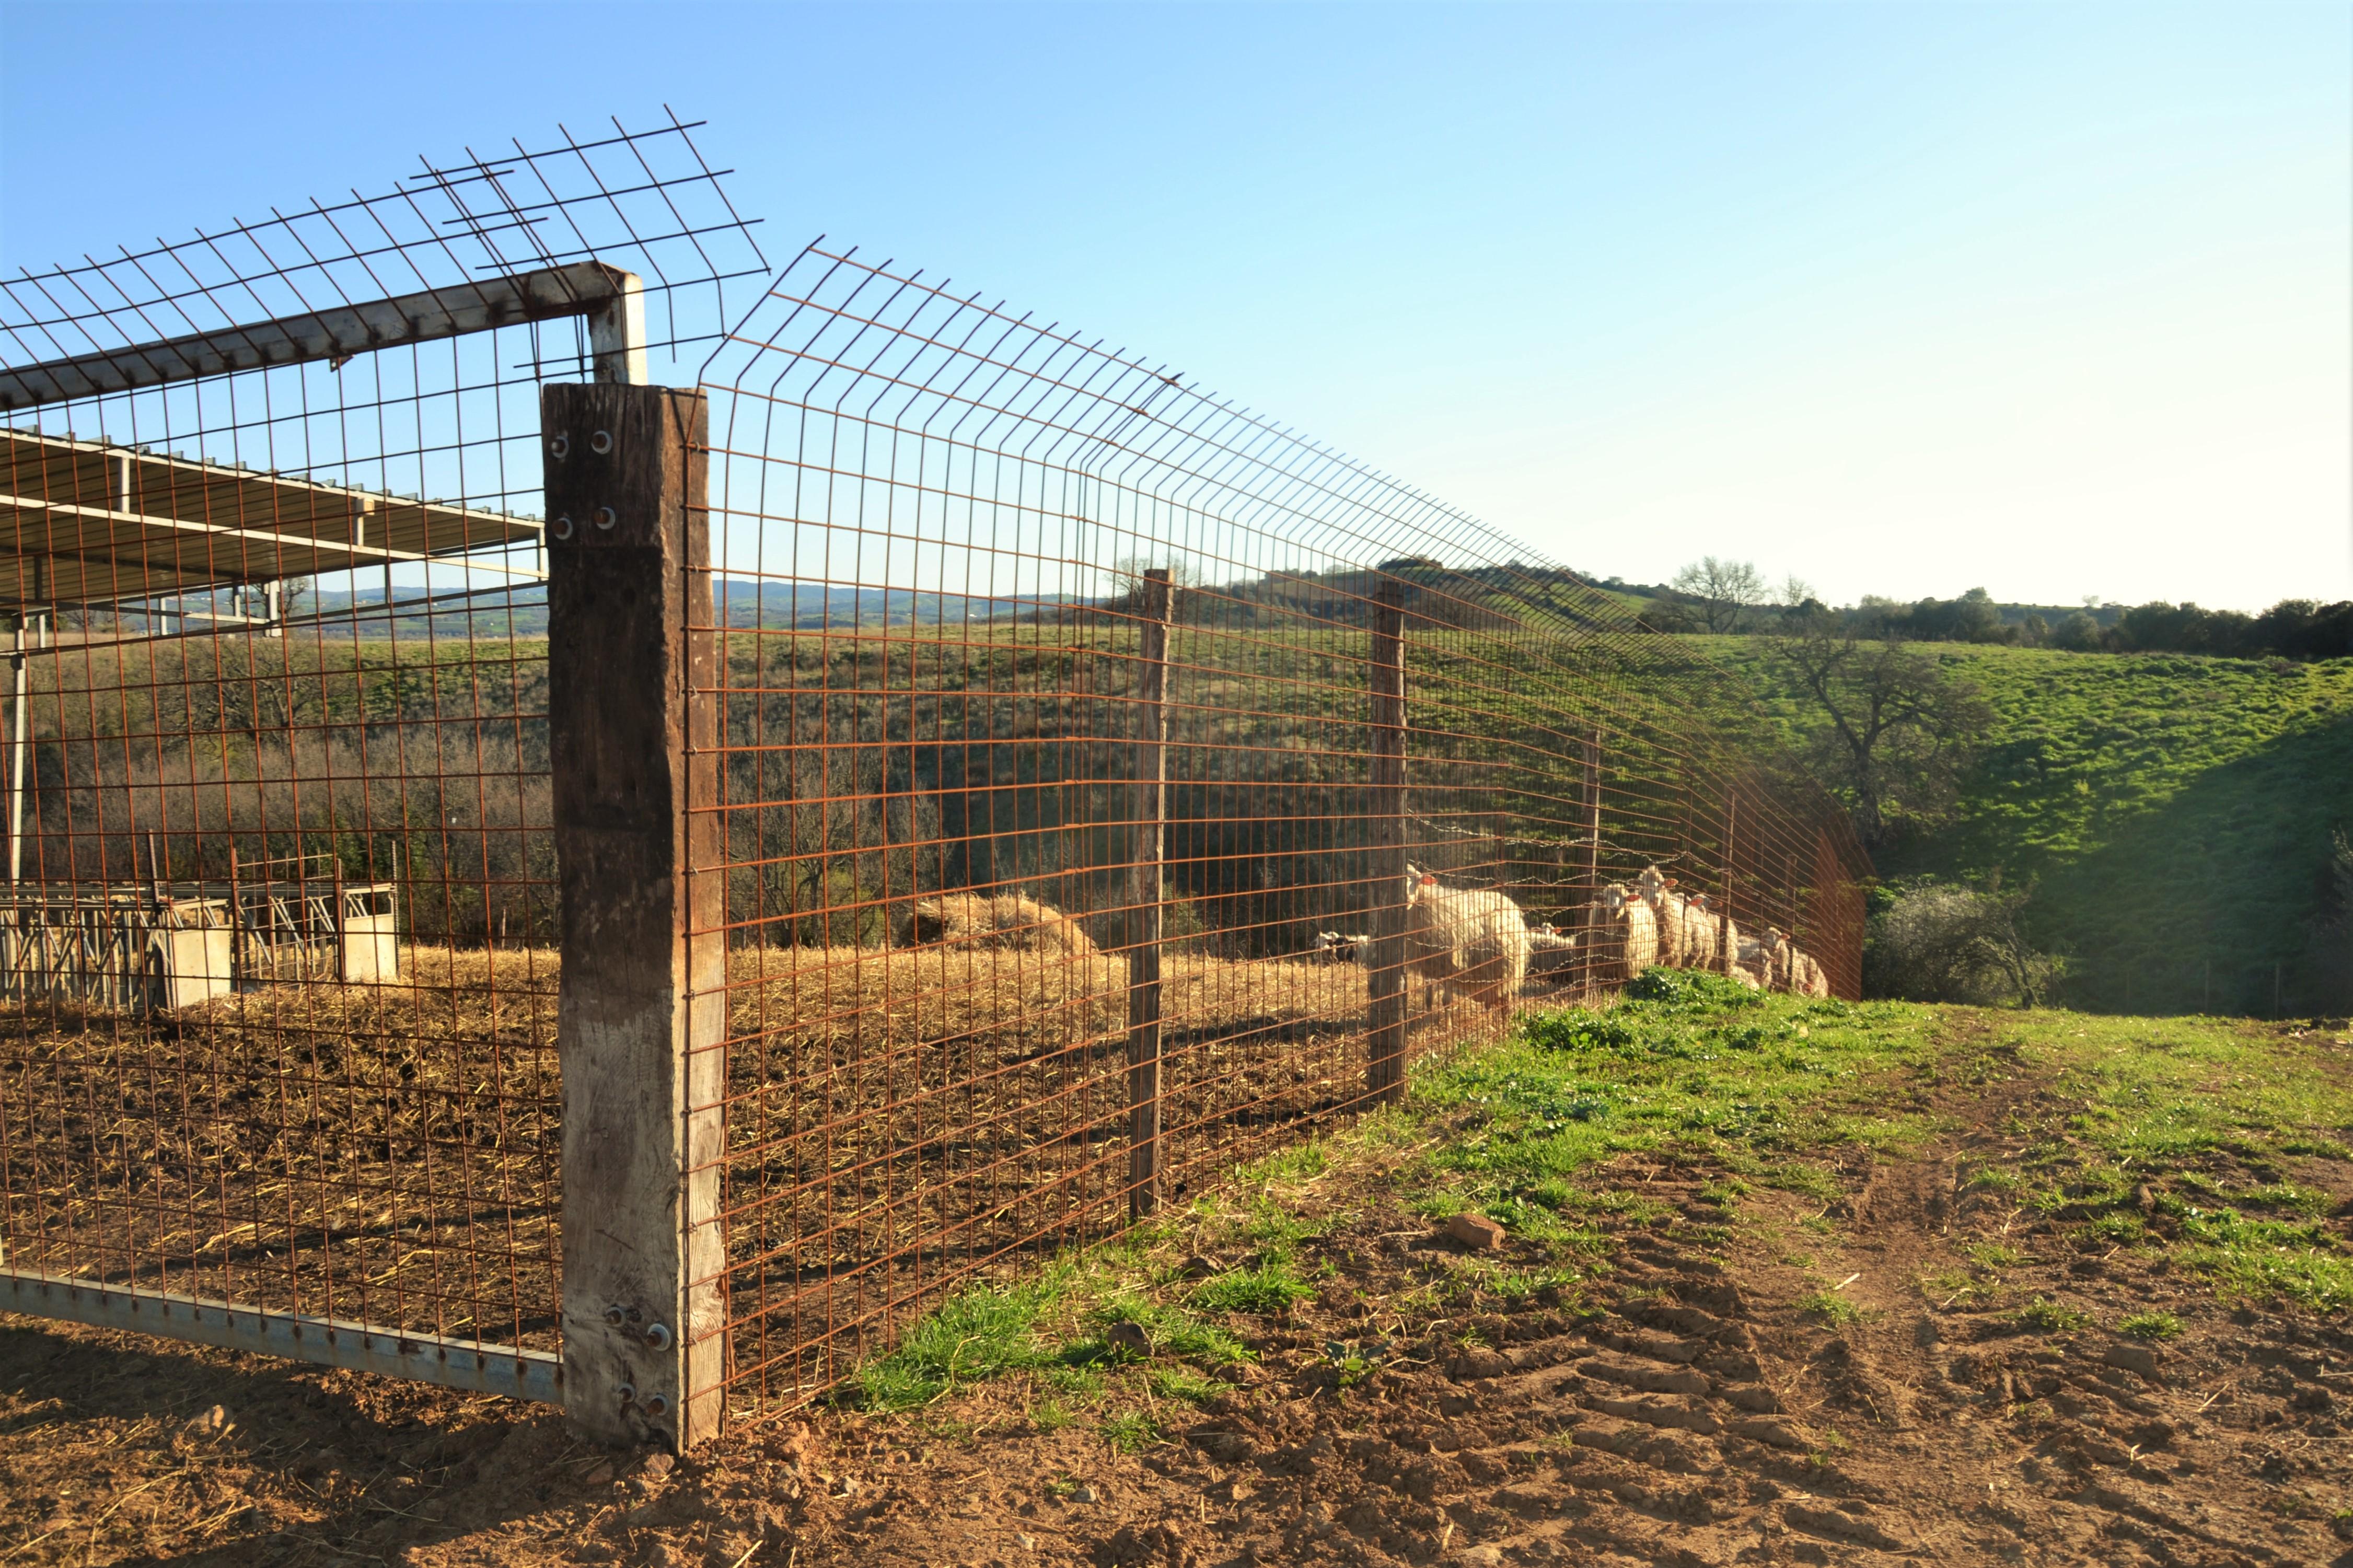 Recinzioni metalliche fisse protezione del bestiame for Recinto cani fai da te